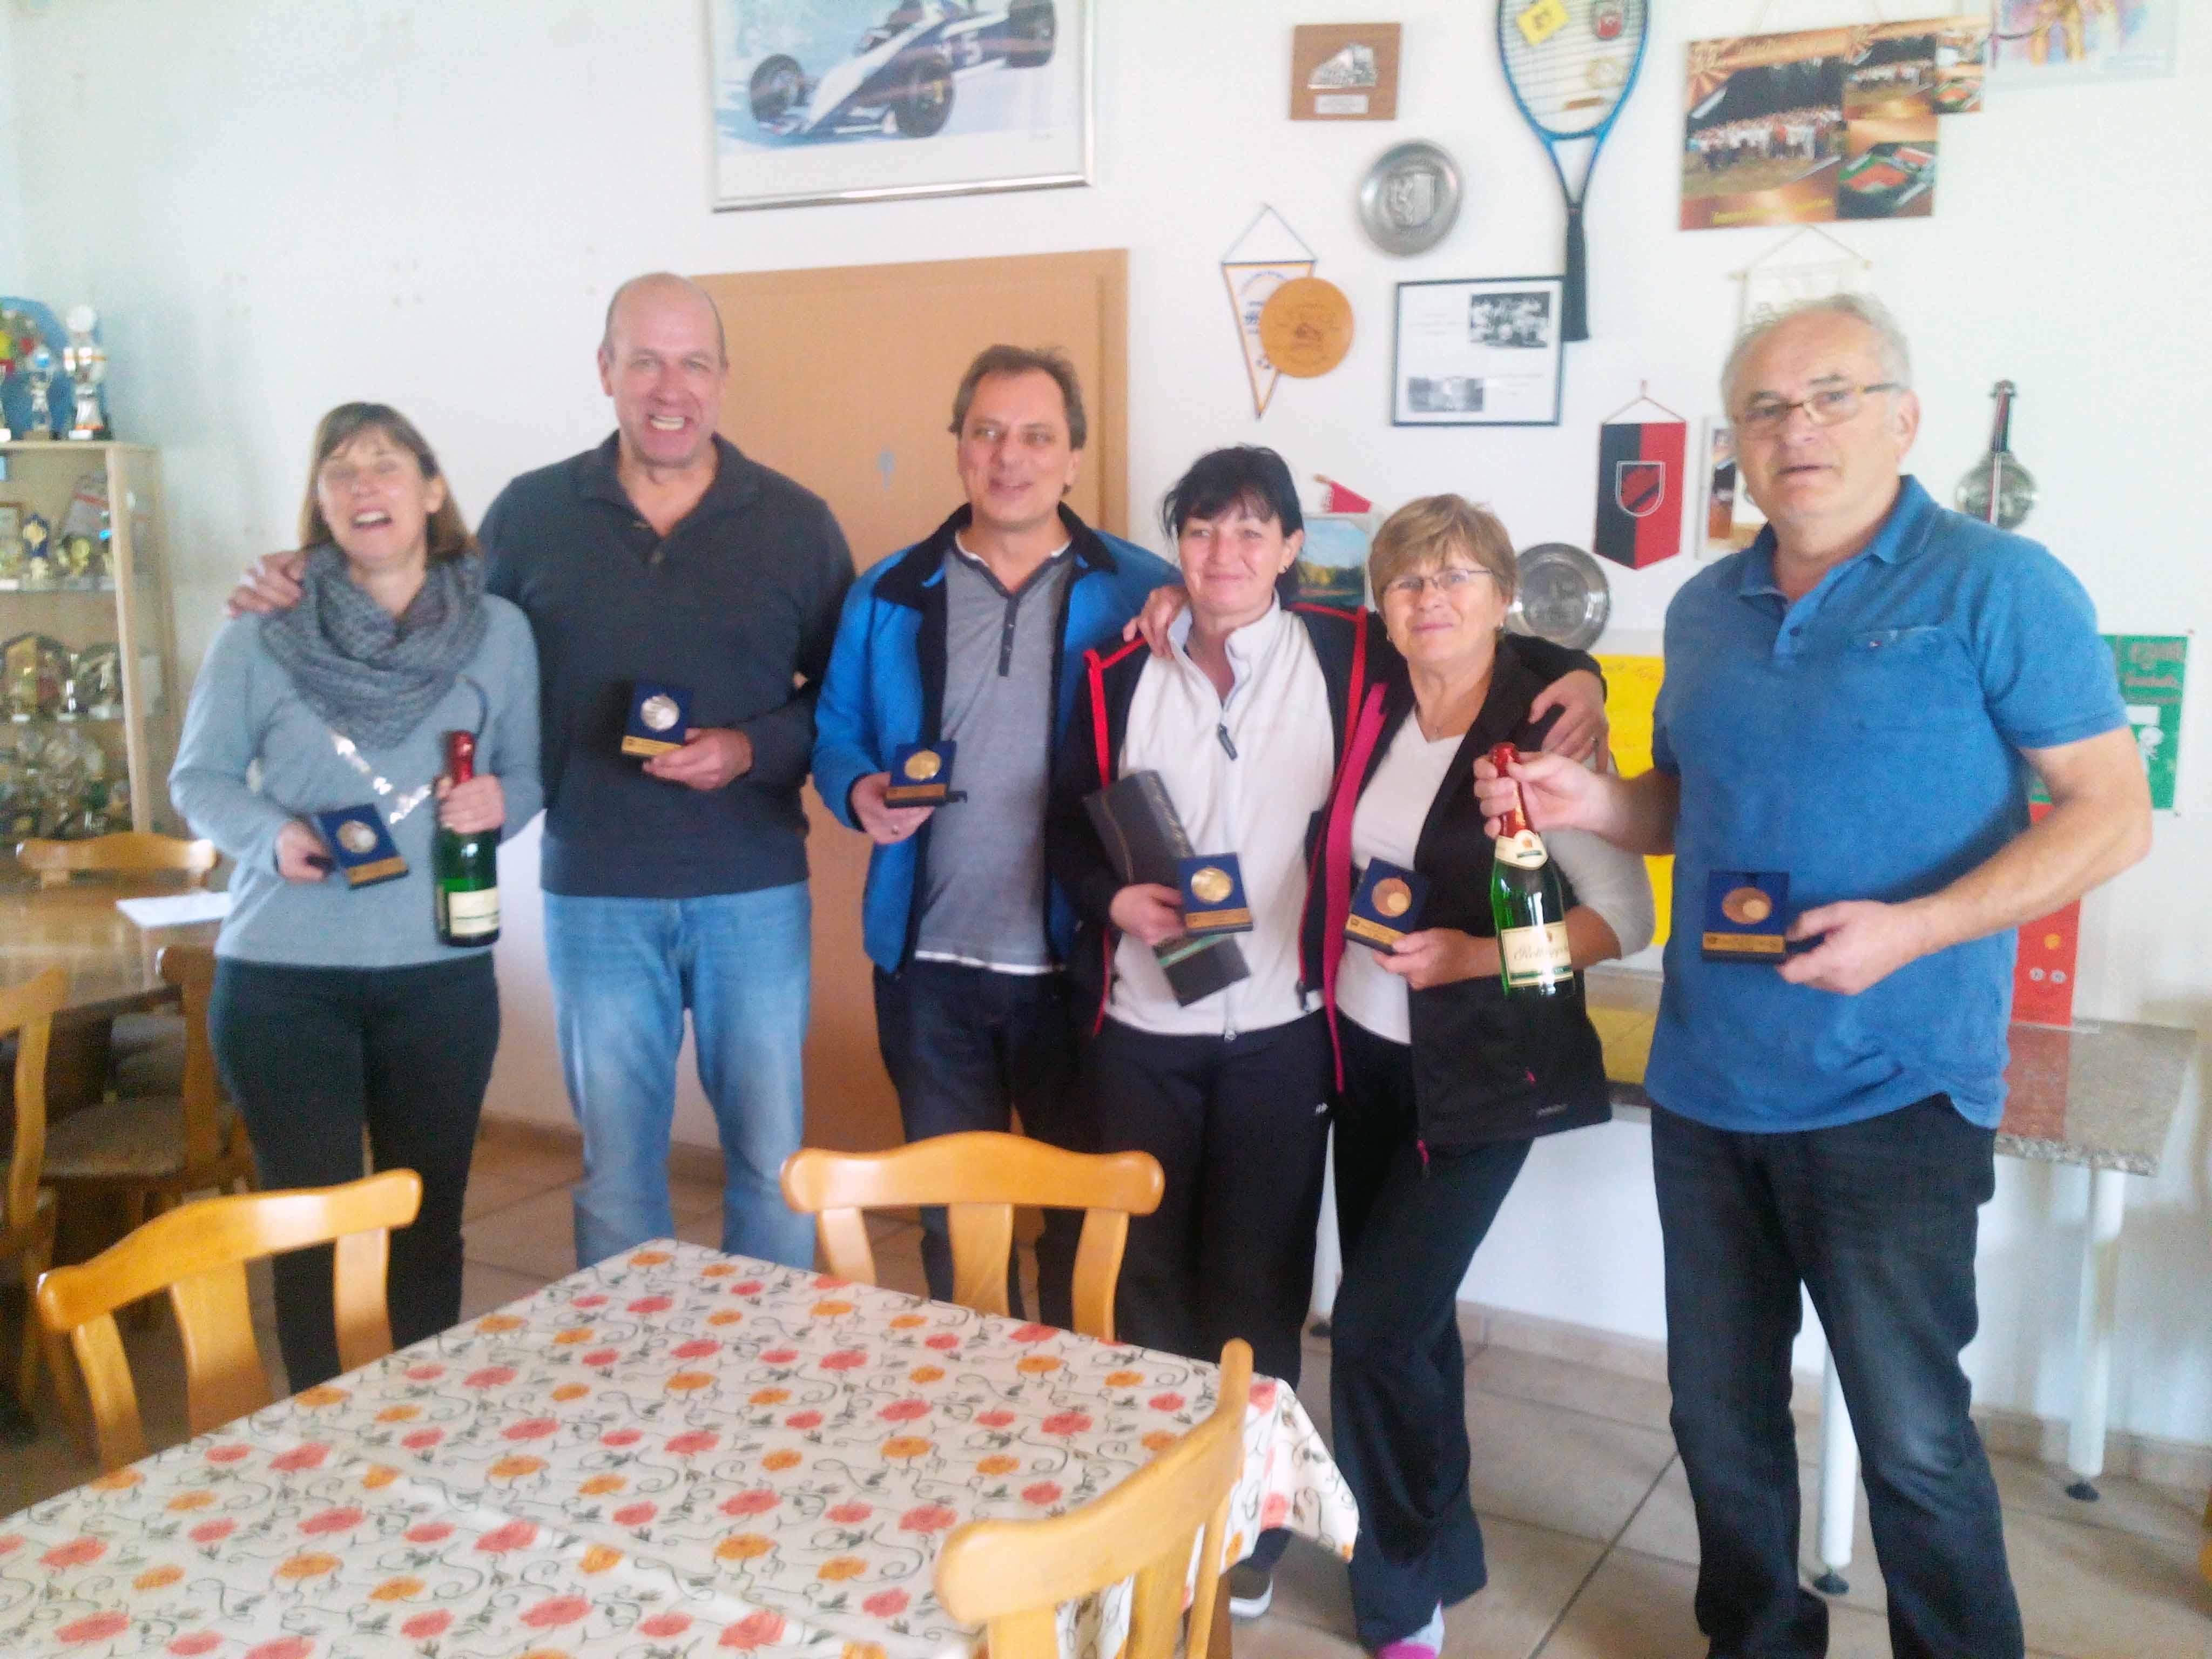 v.l.n.r.: Katrin und Steffen Rakette (TC Halle-Ost), Holm und Kerstin Griger (ESV Dresden) und Ingrid und Dieter Anders (TV Elsterwerda)